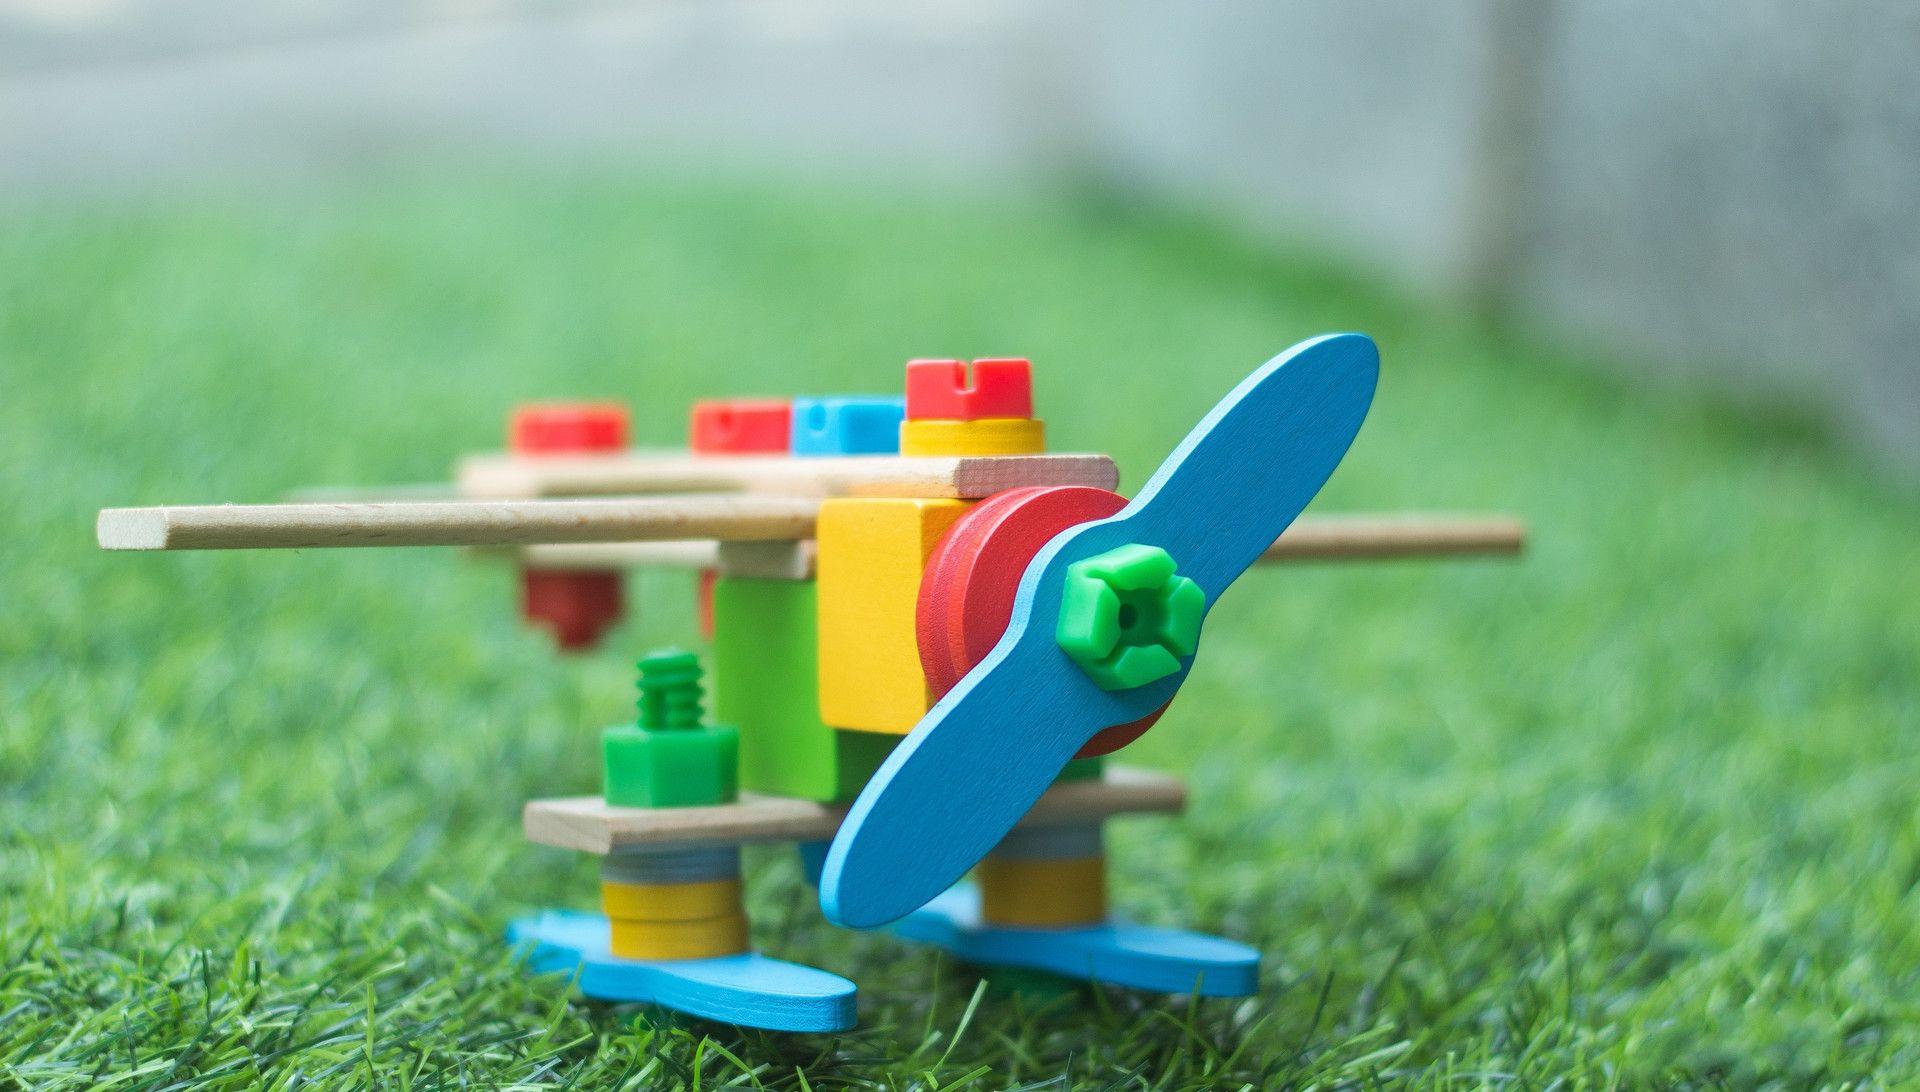 『大事』孩子安全是大事,玩具方面不要忽略!父母们要留点心